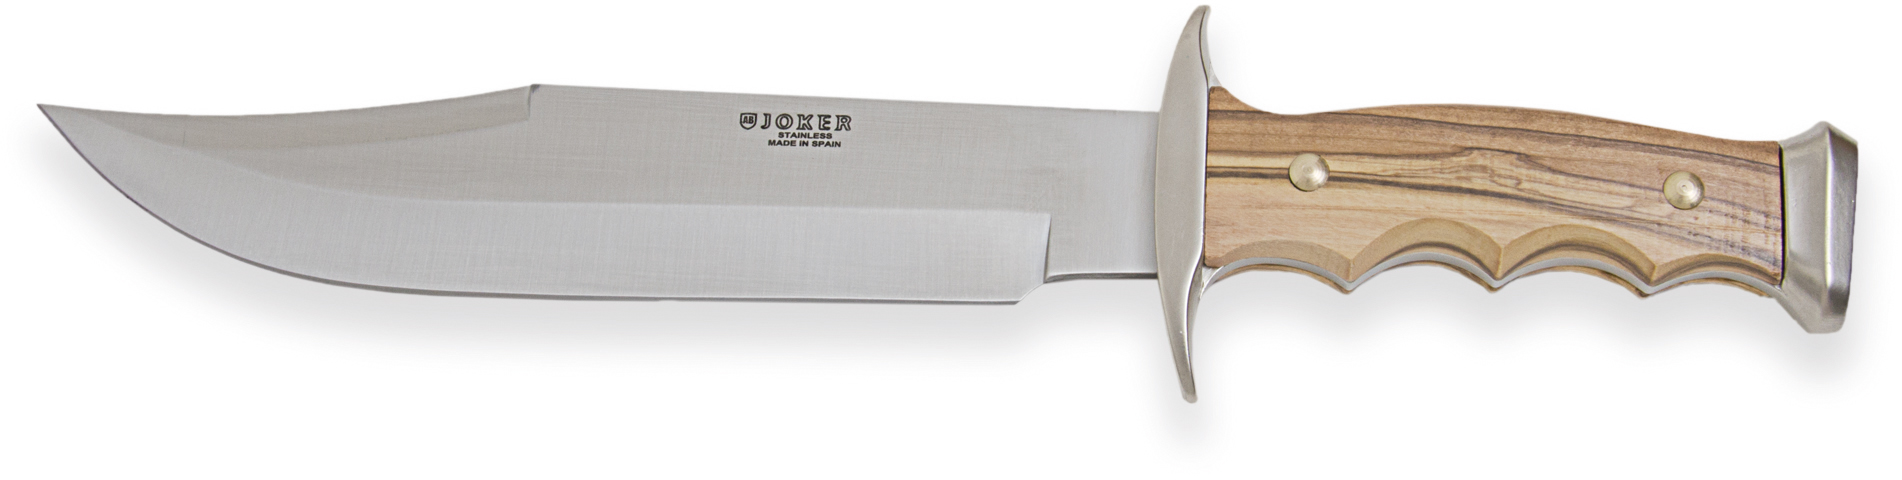 Joker Zamak Bowie Knife